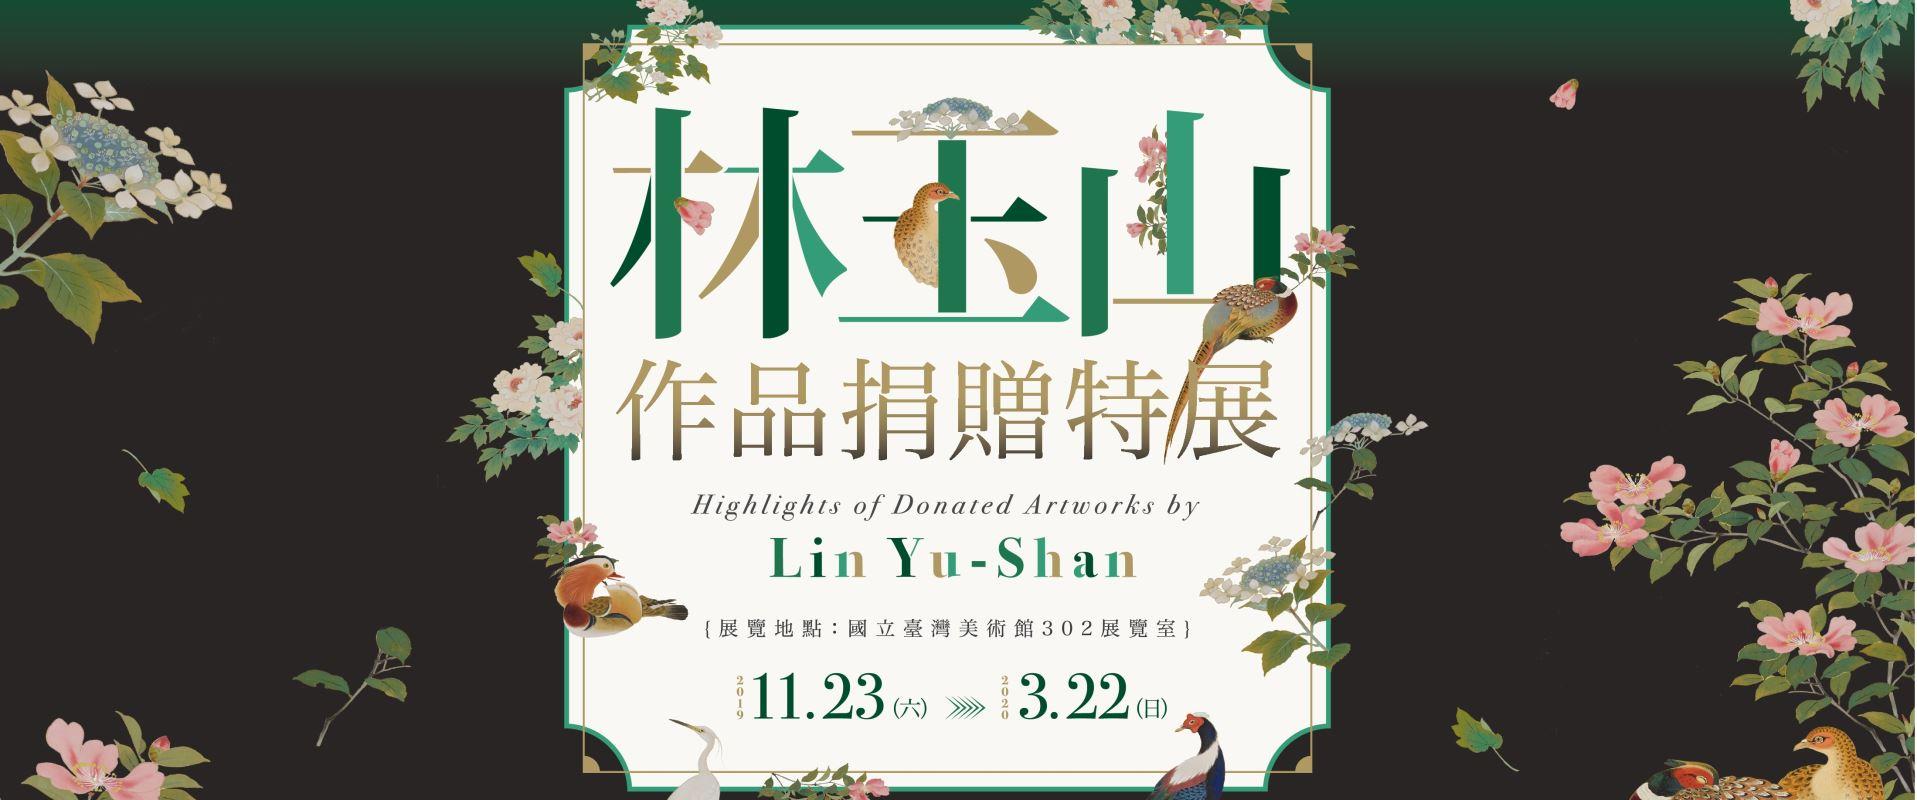 Aspectos destacados de las Obras Artísticas Donadas por Lin Yu-Shan[另開新視窗]